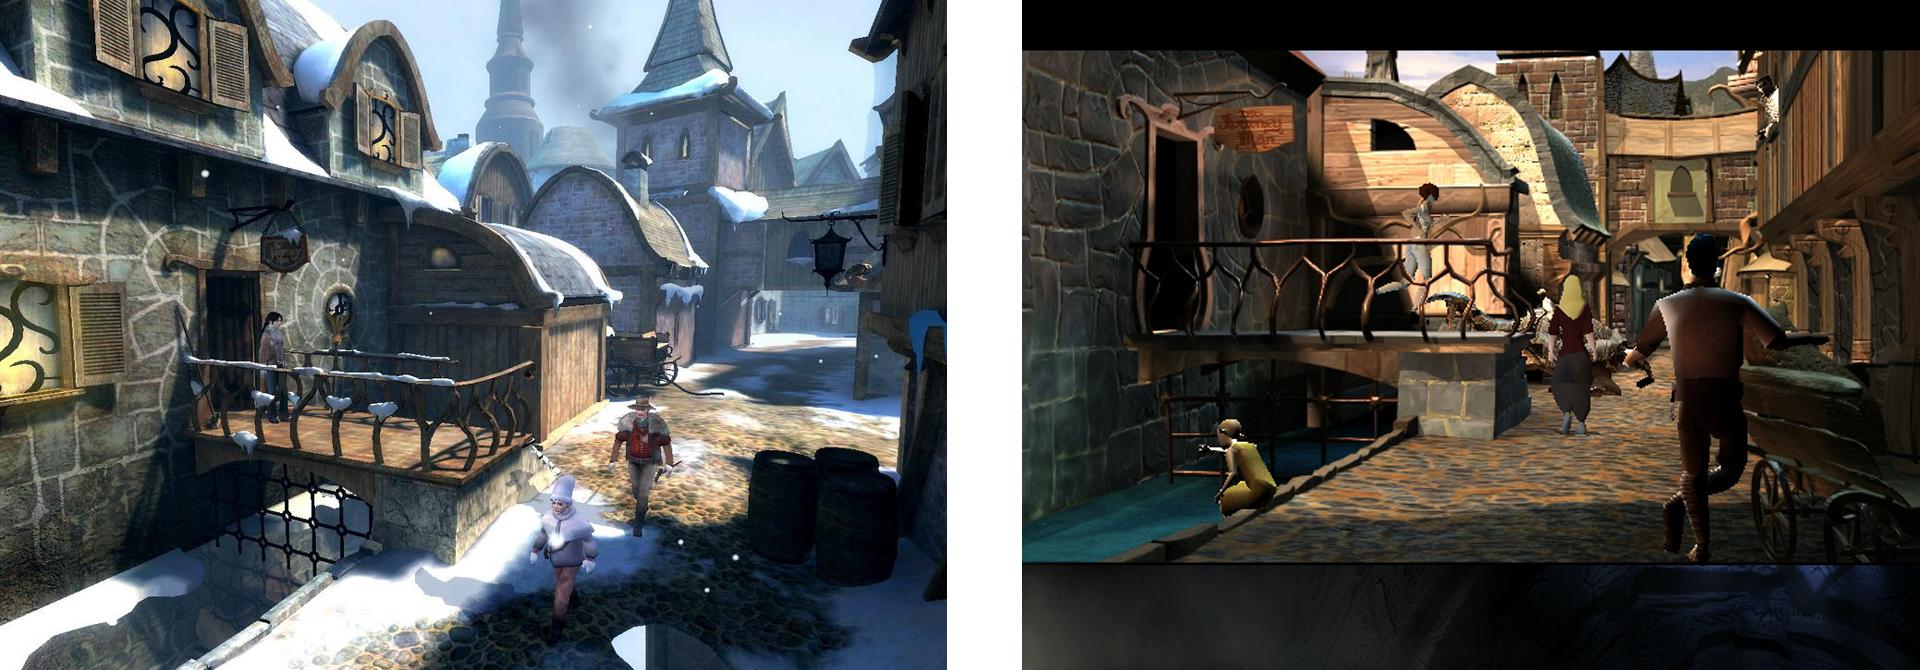 Ein Vergleich. Links Dreamfall, rechts The Longest Journey